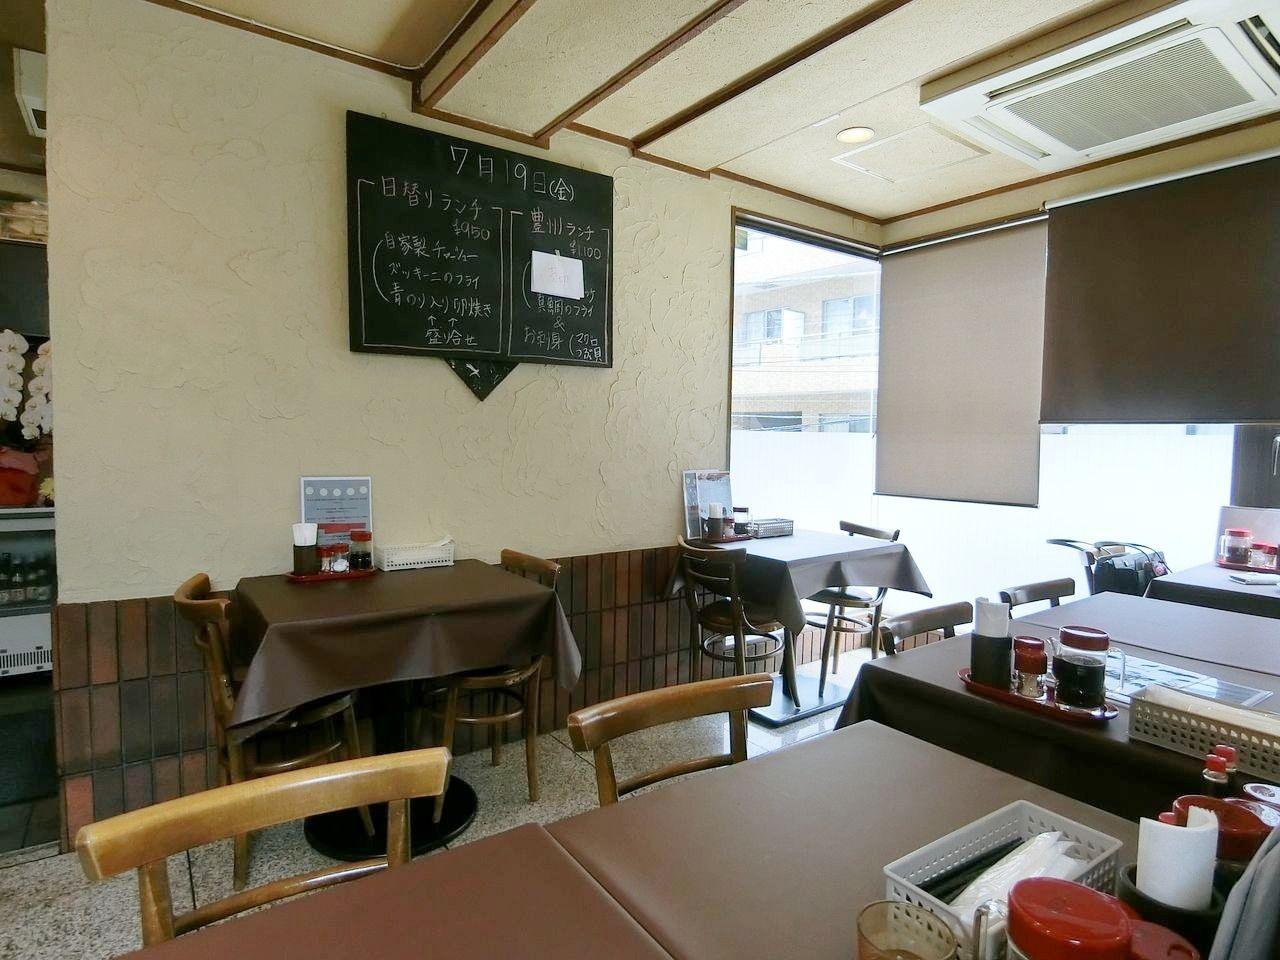 板橋区大山東町の洋食専門店かわしま